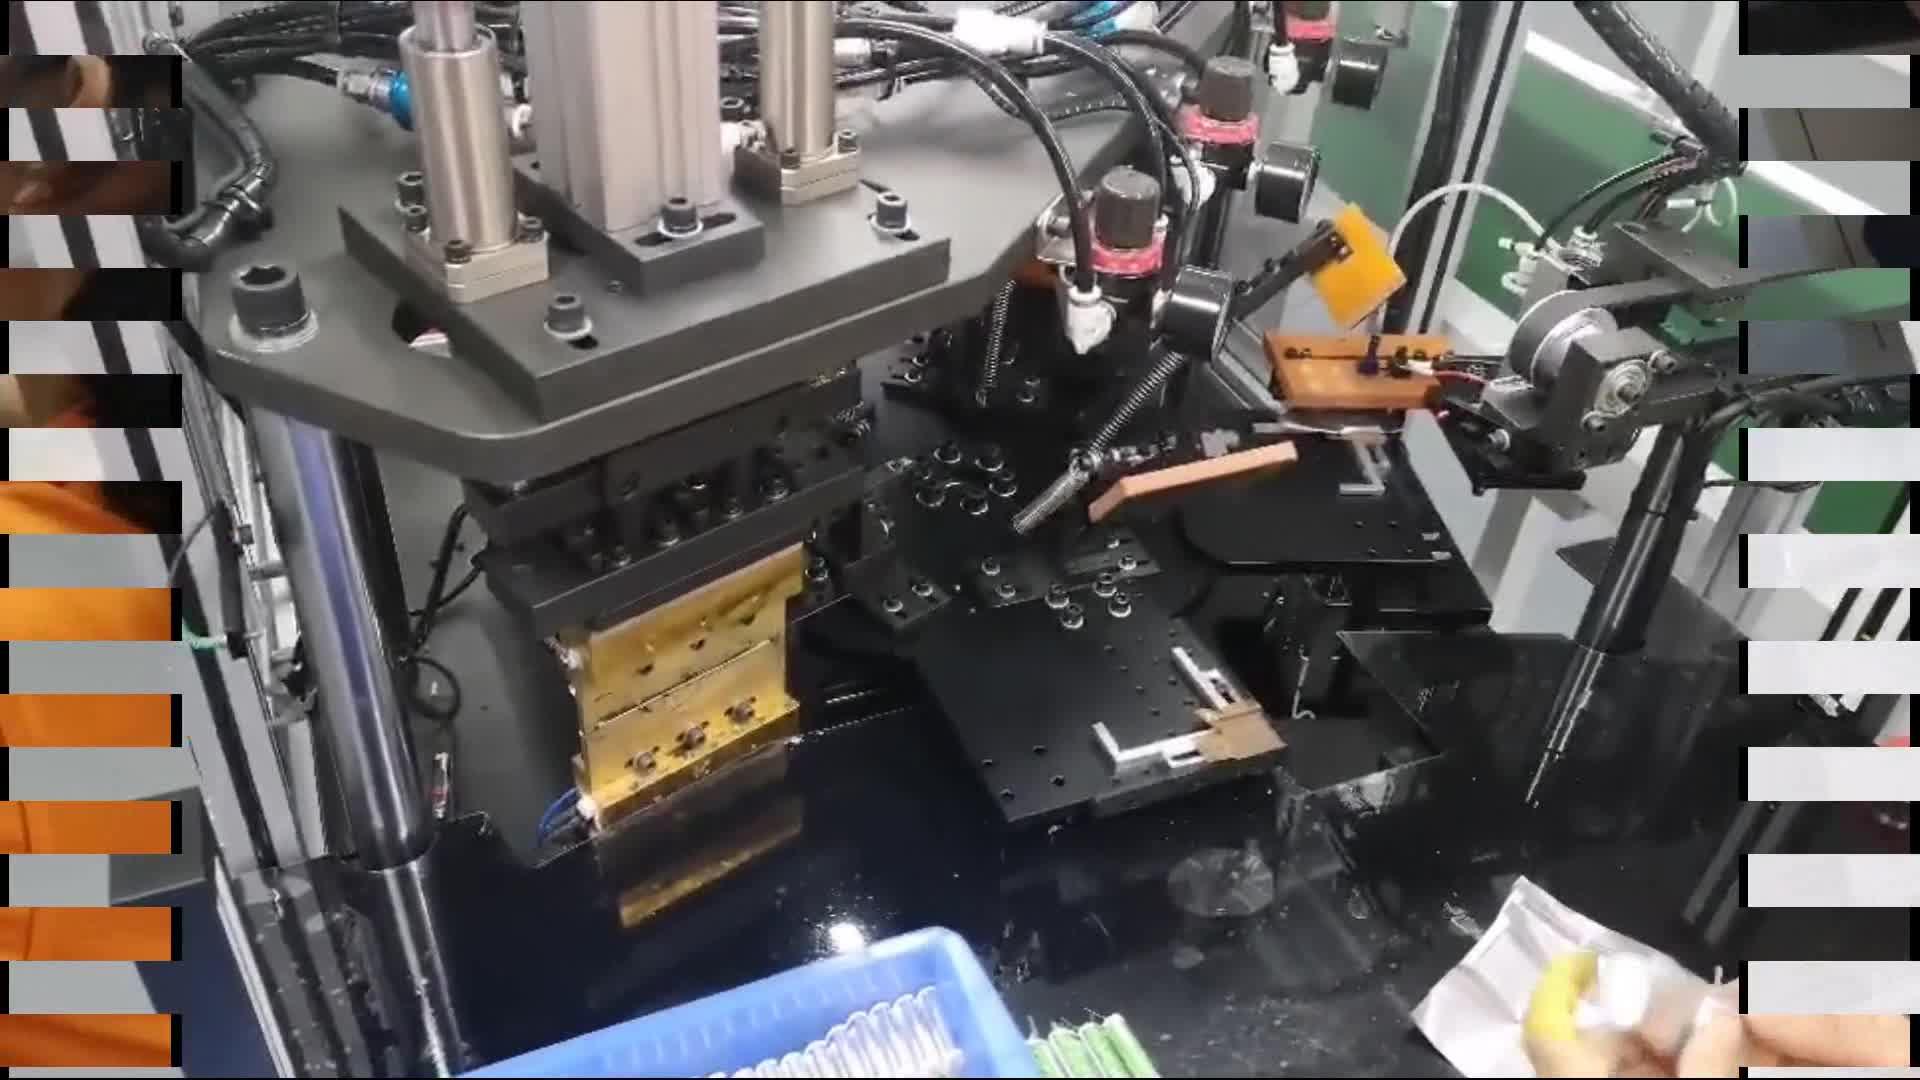 厂家直供082030聚合物锂电芯KC802030/400mAh蓝牙音箱锂电池